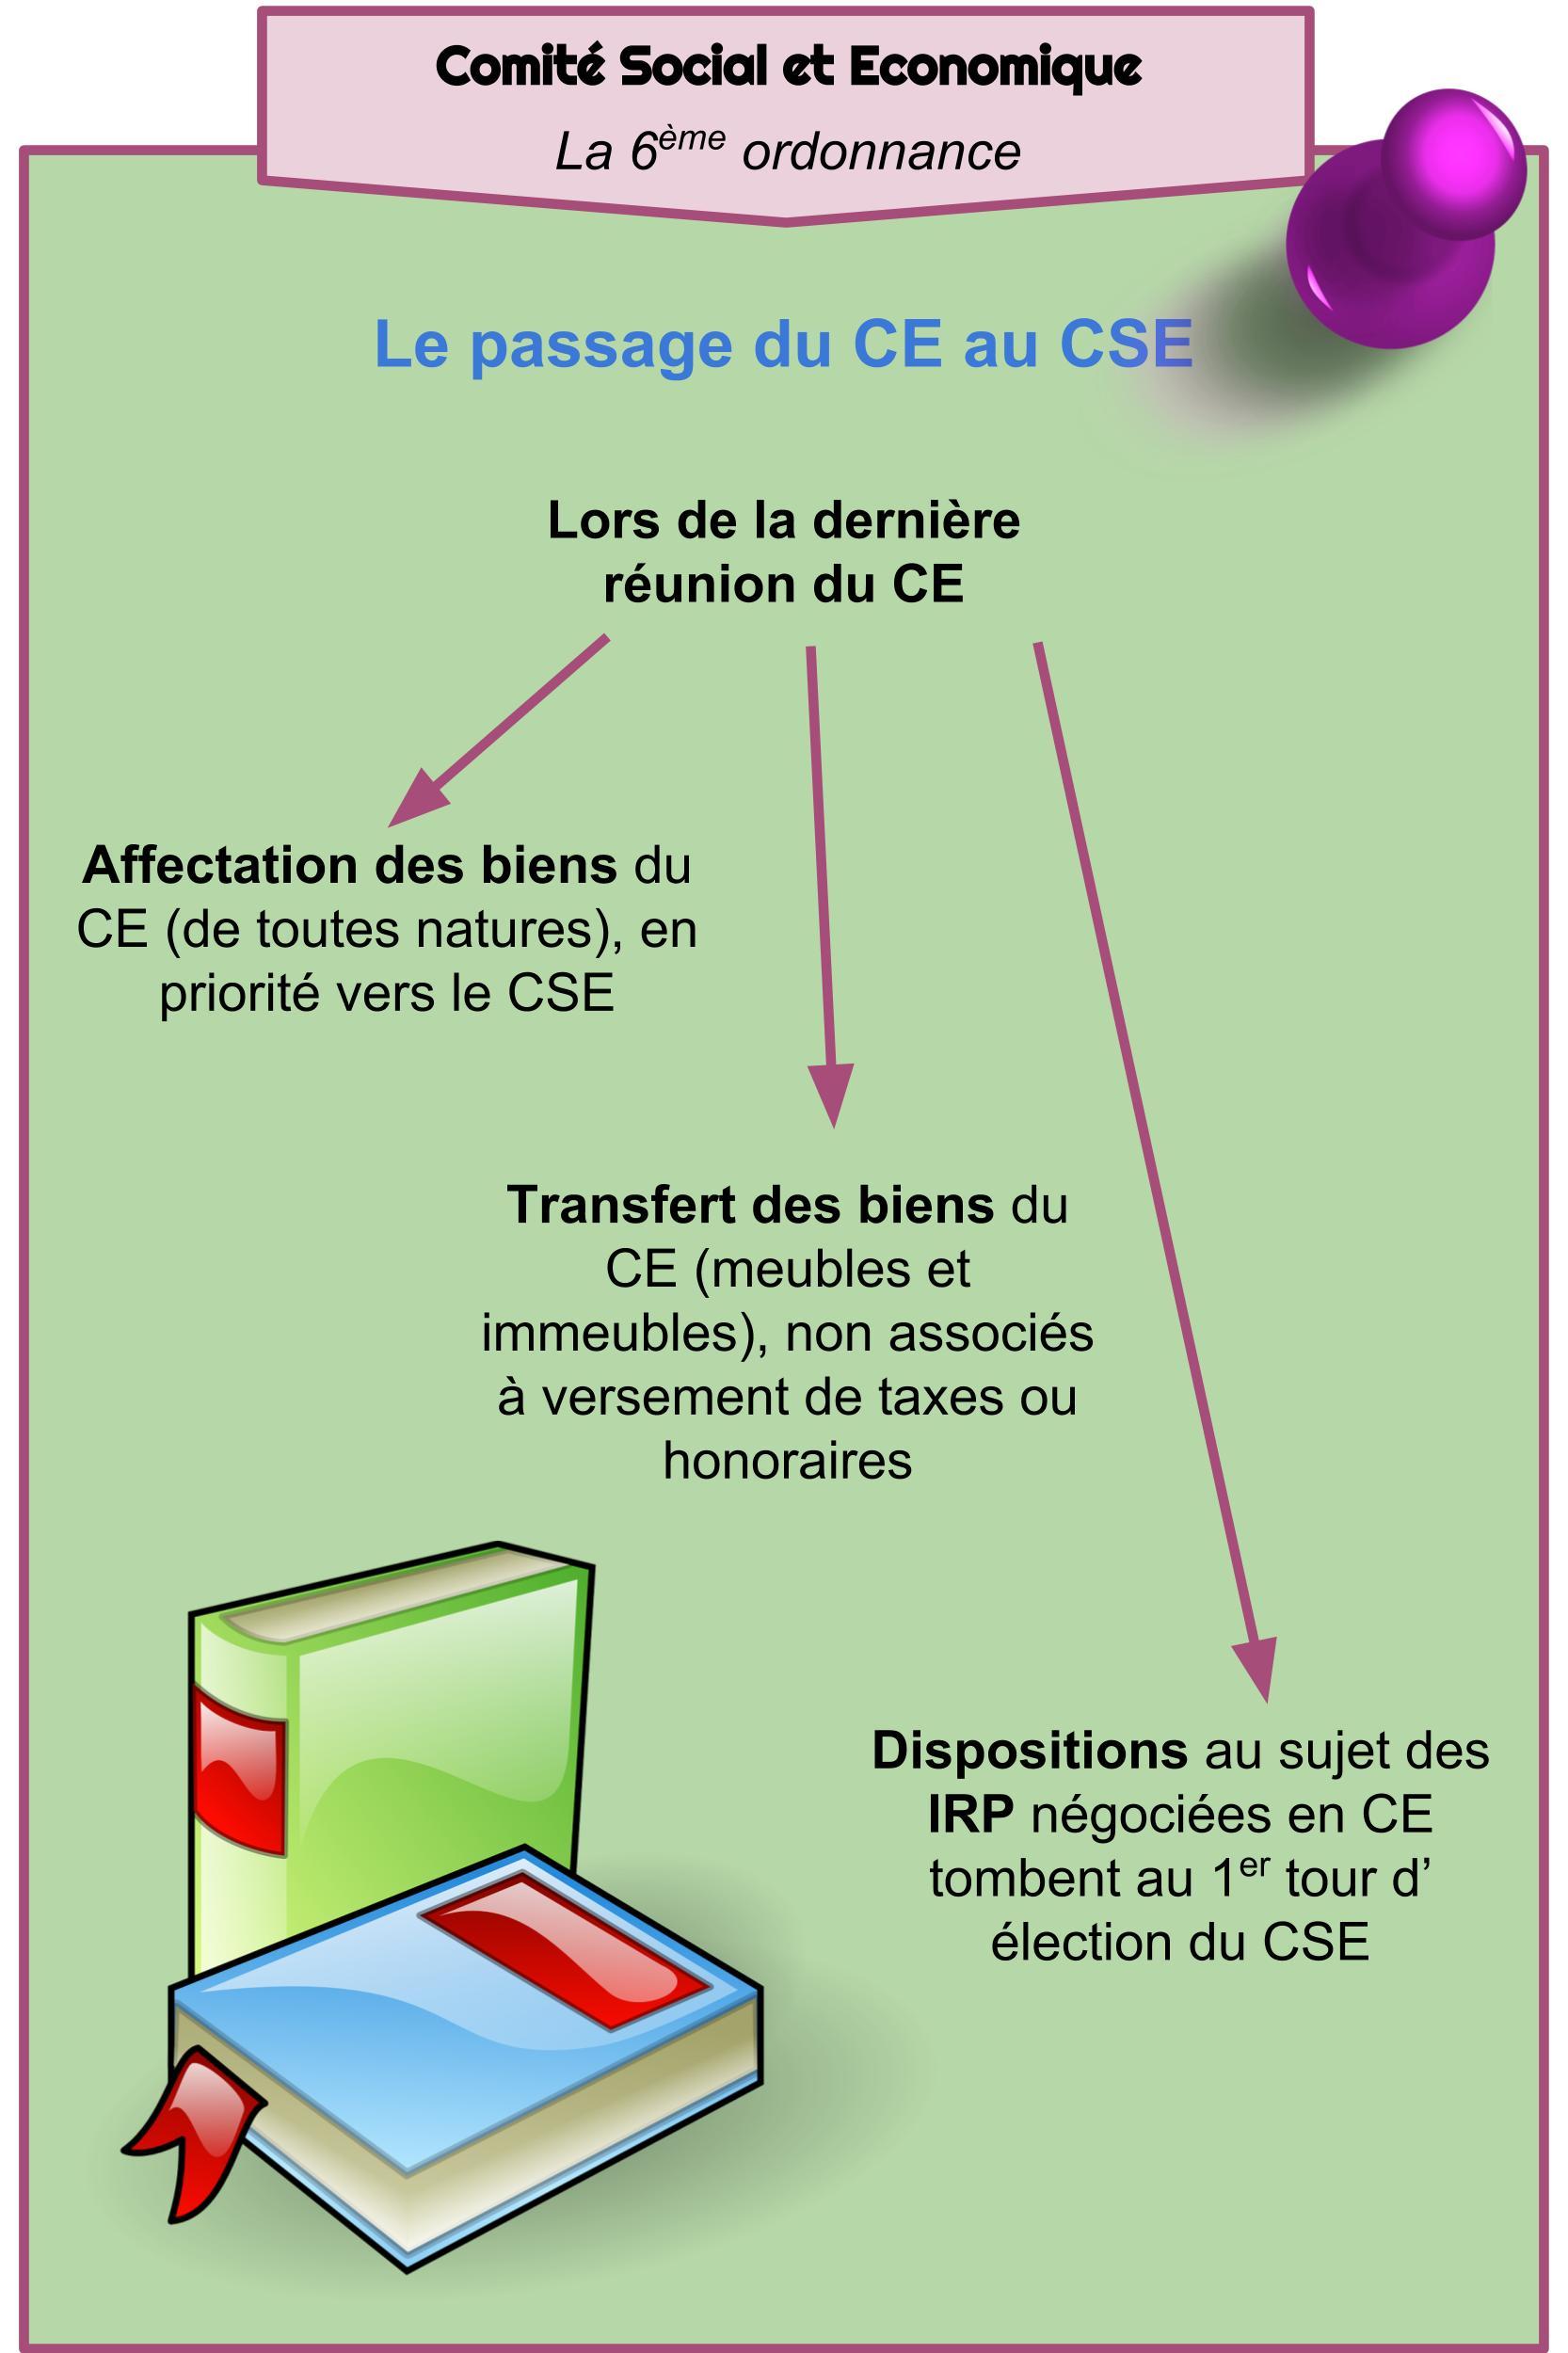 CSE - La 6ème ordonnance